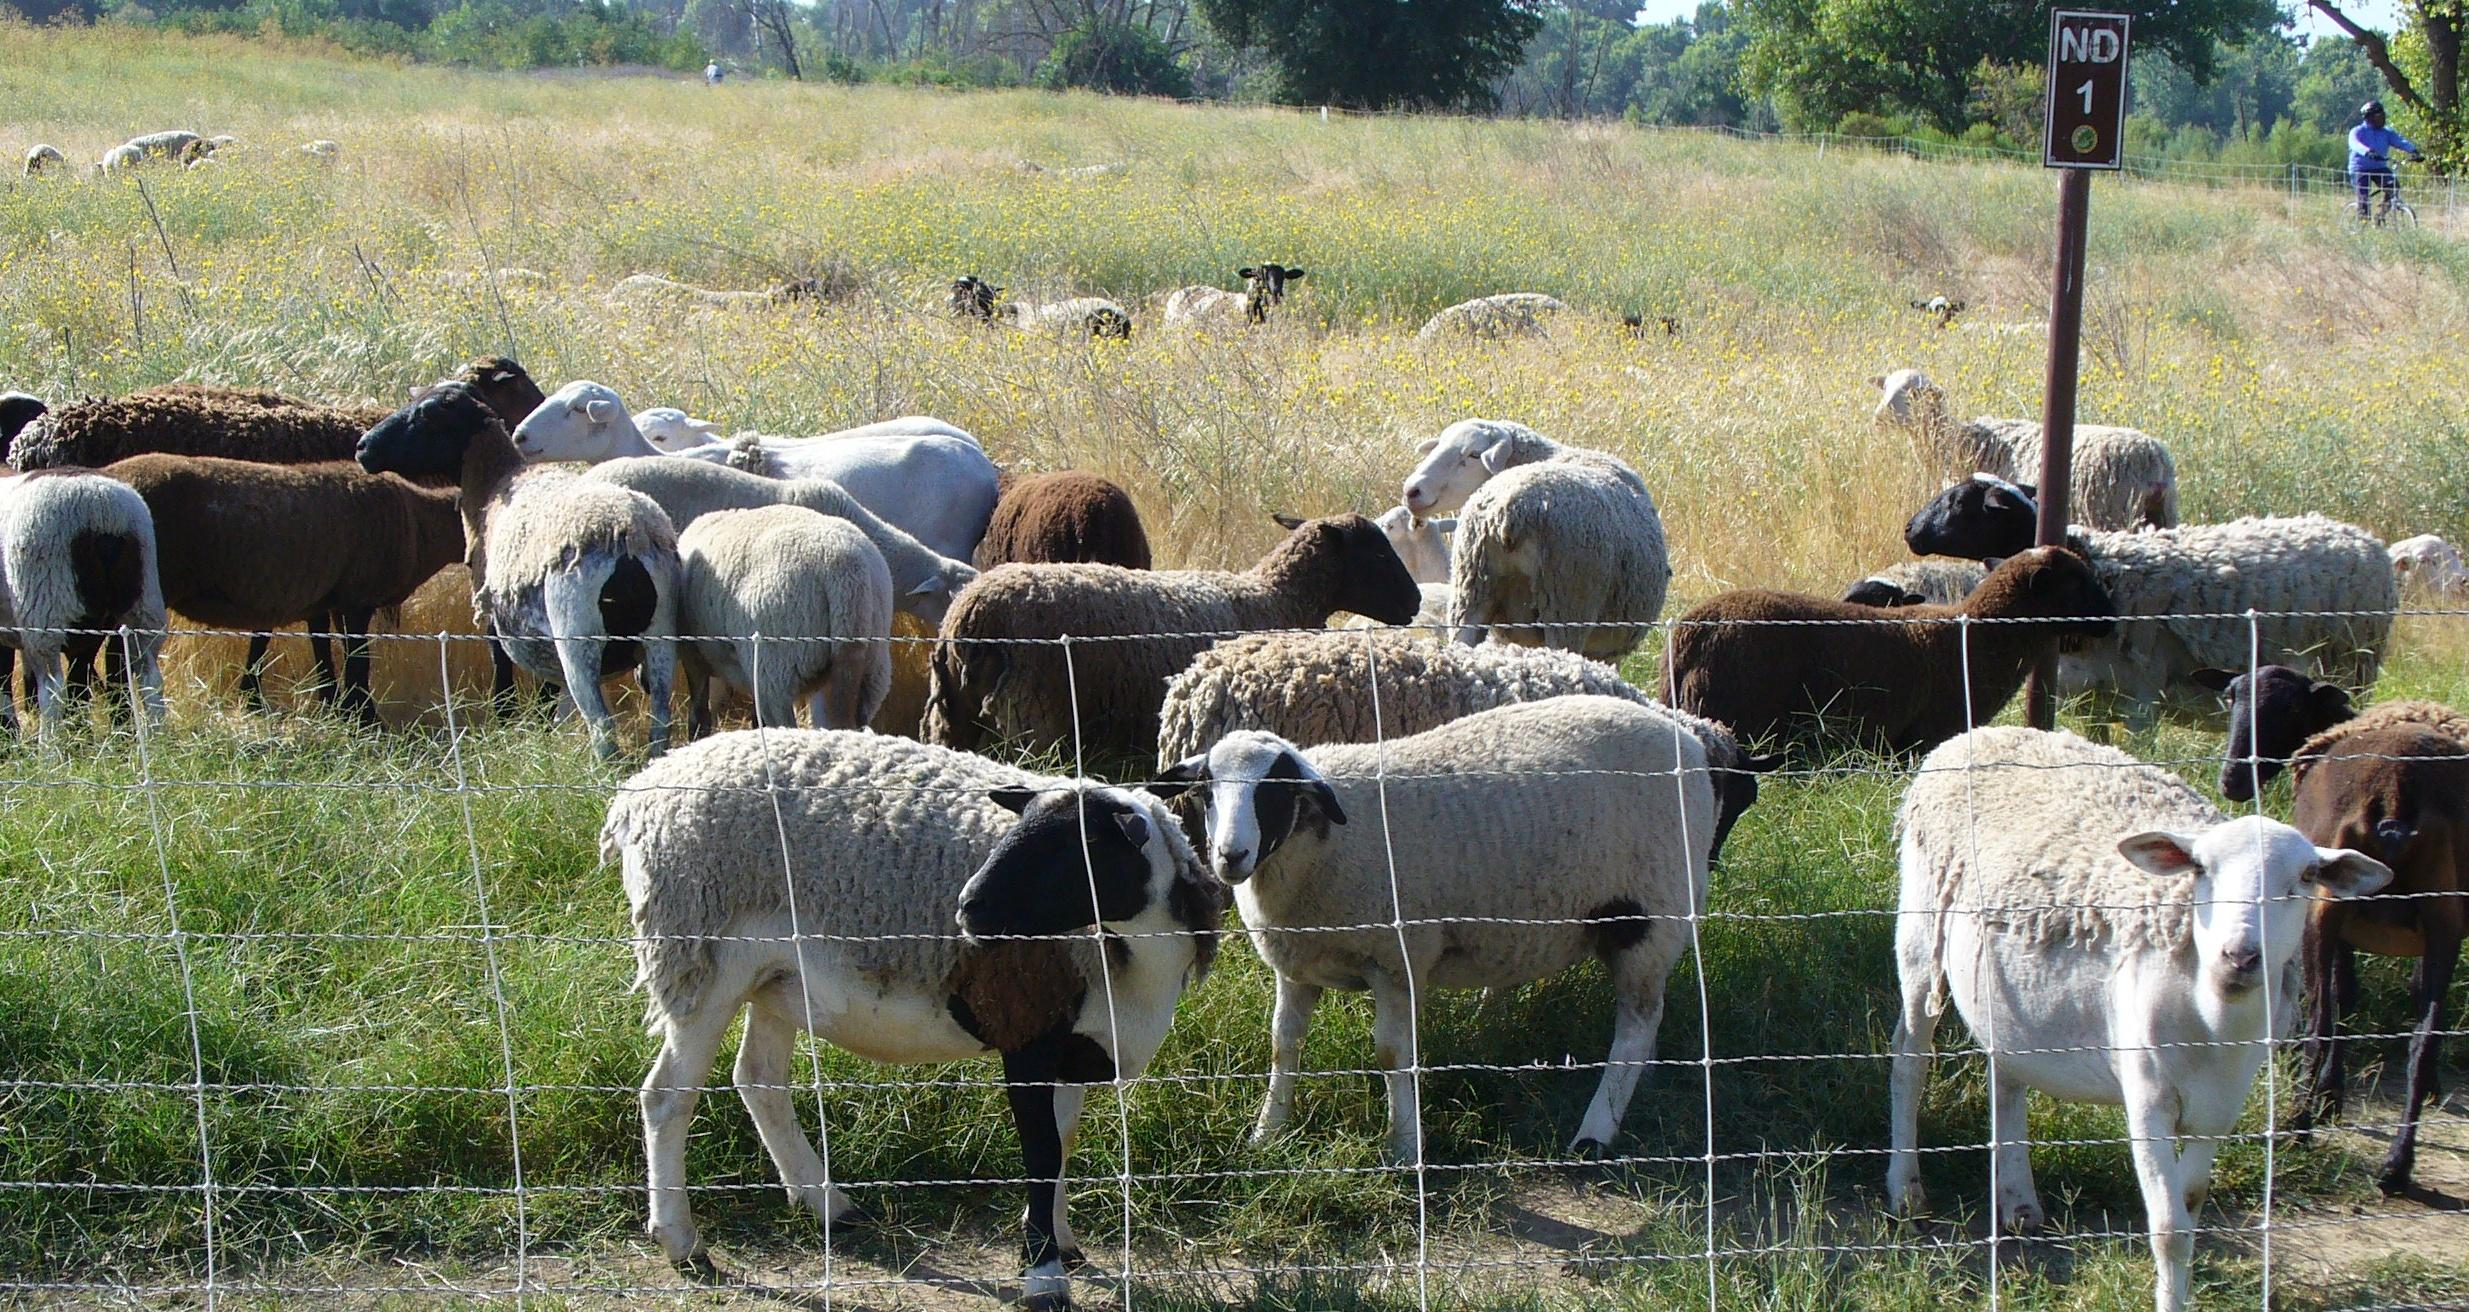 parkway-sheep-20180704-50.jpg